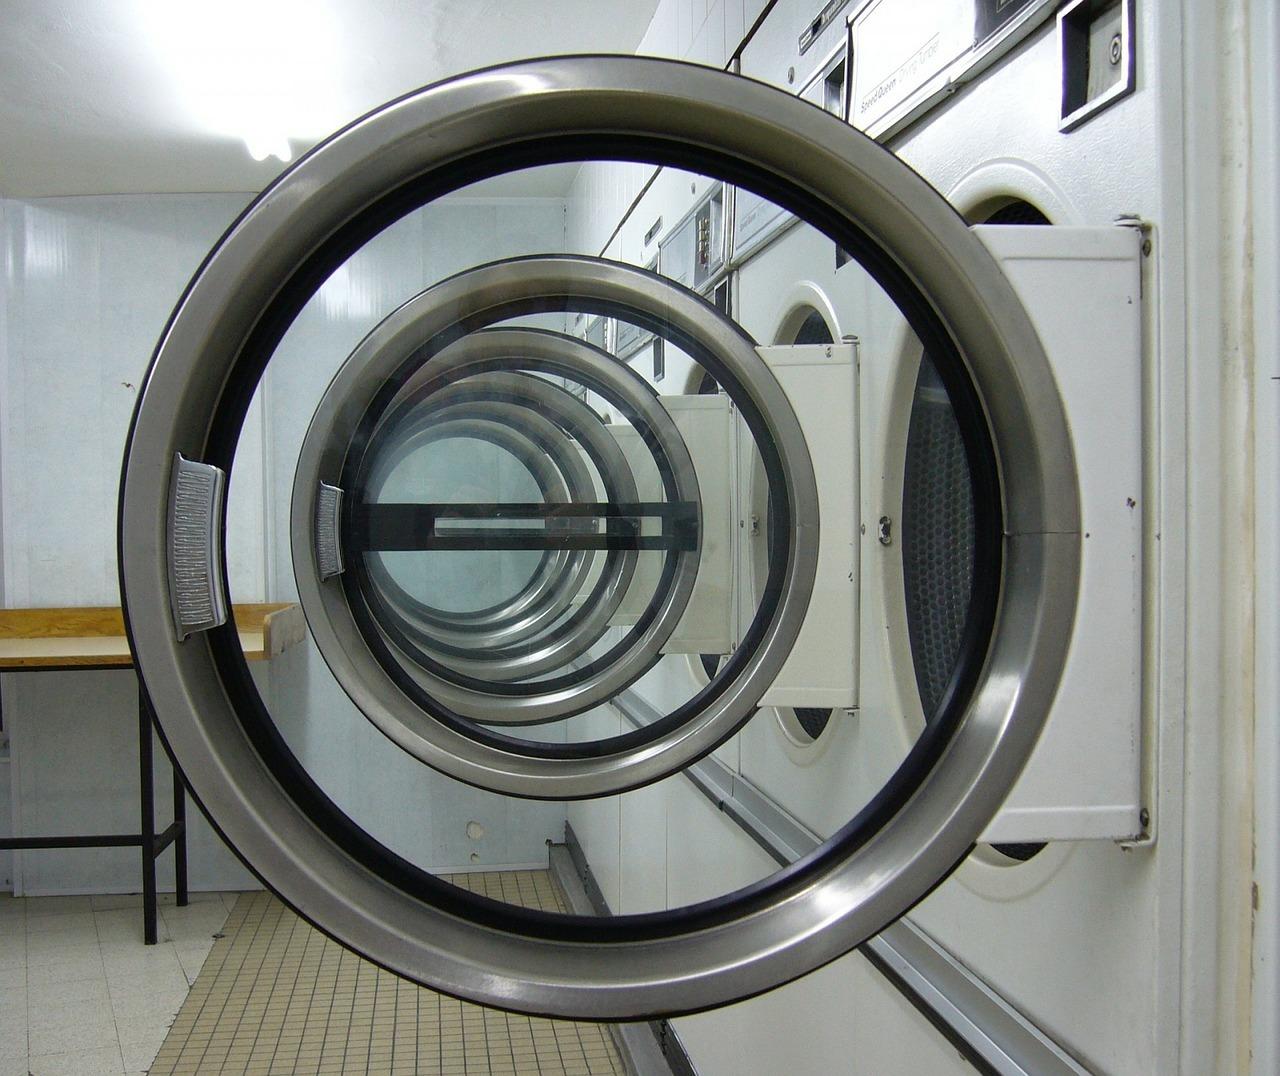 Volete aprire una lavanderia self-service? Cercate un esperto!